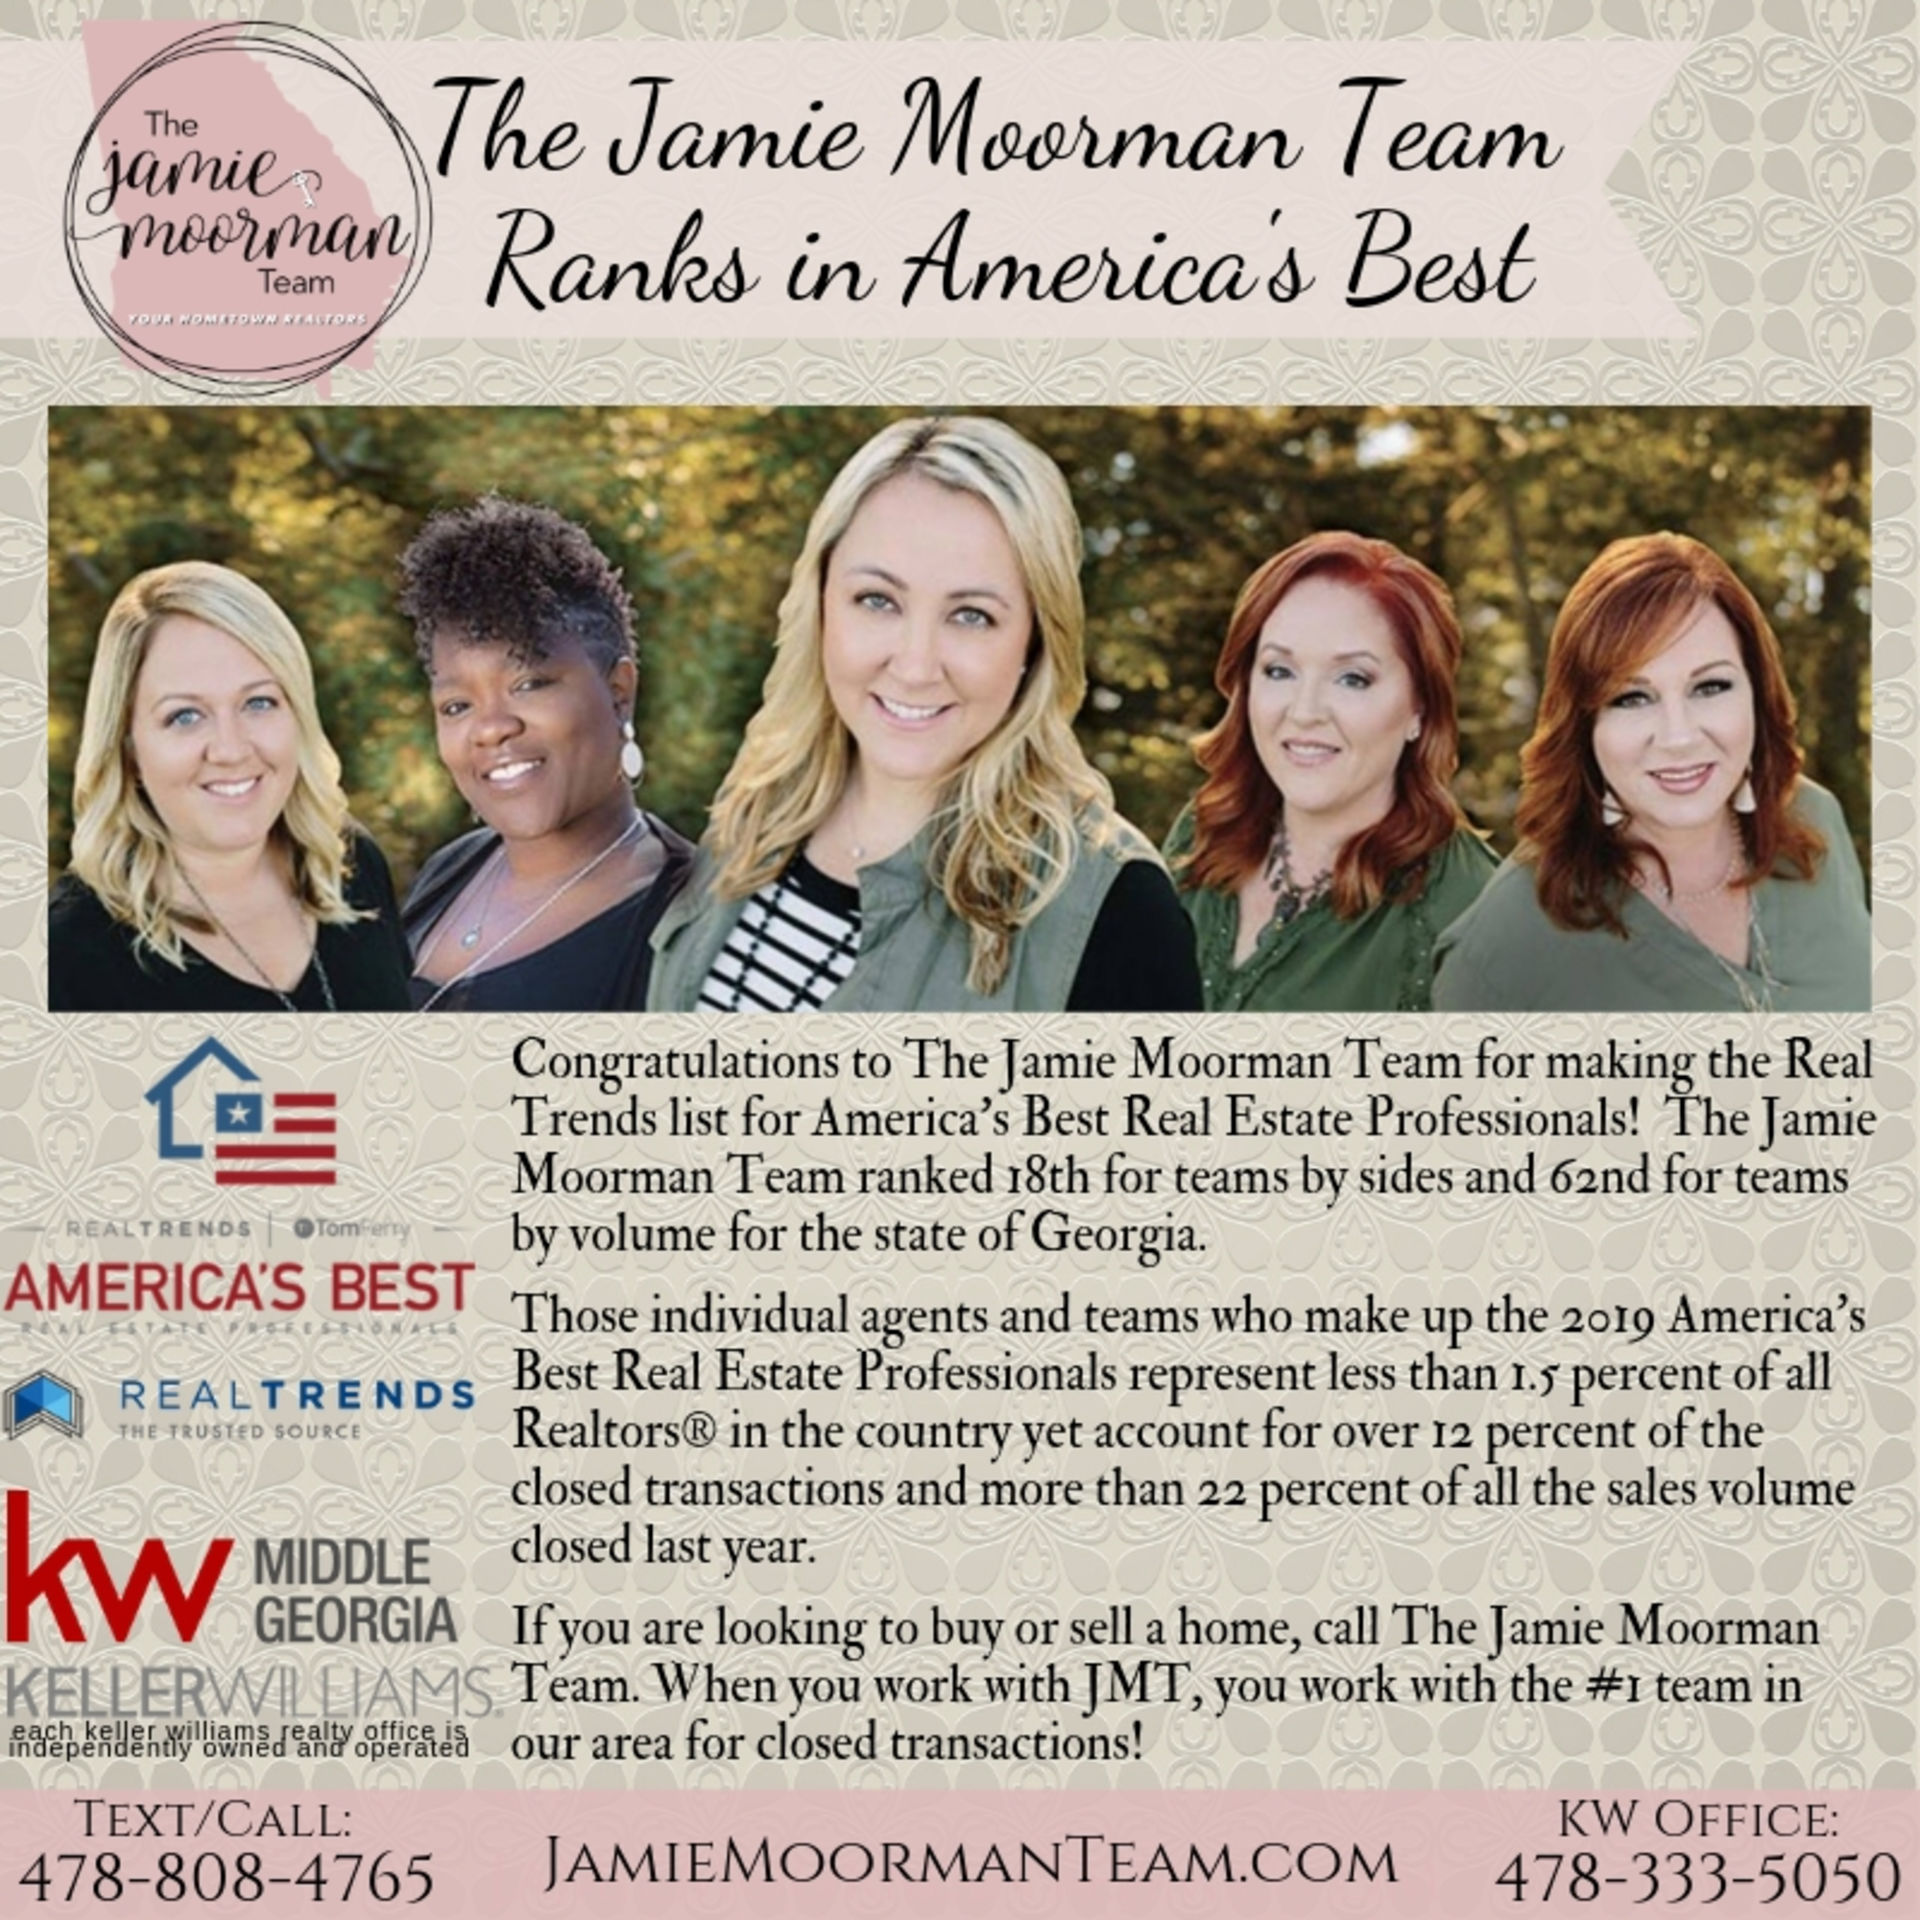 The Jamie Moorman Team Ranks in America's Best